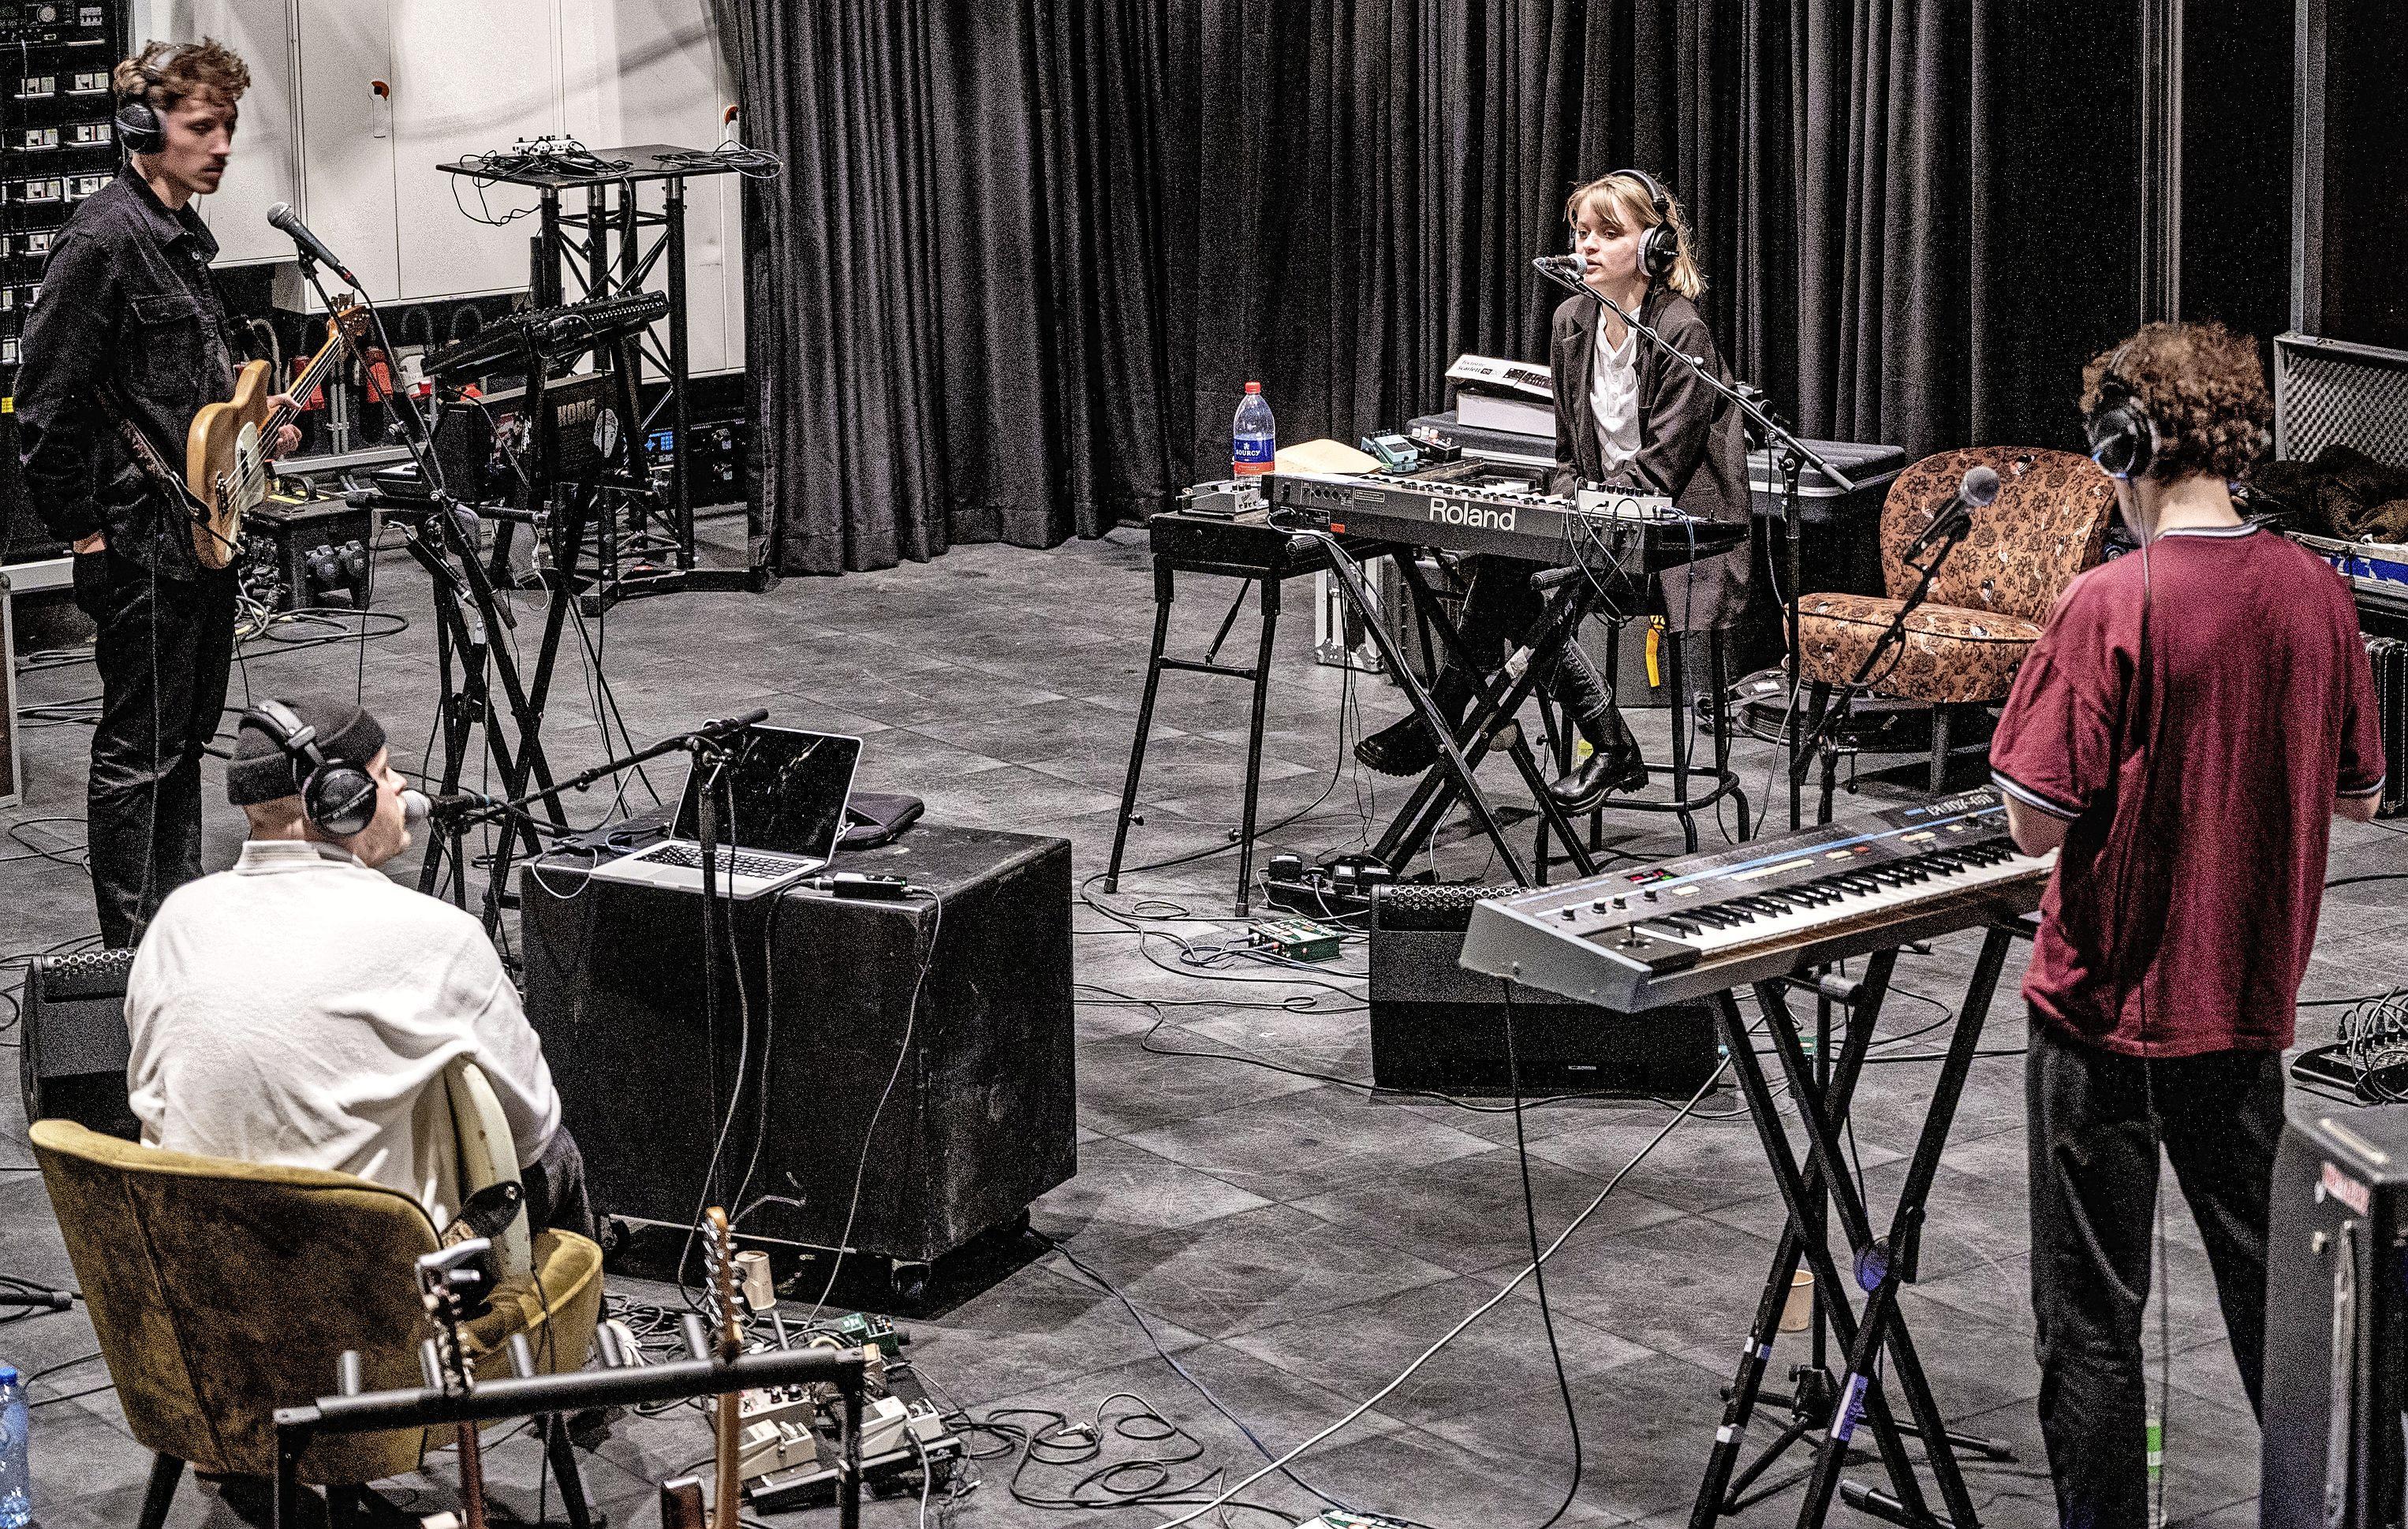 Waltzburg opent serie 'Artist in Residence' in Patronaat Haarlem: 'Fijn om te experimenteren zonder druk van buiten'